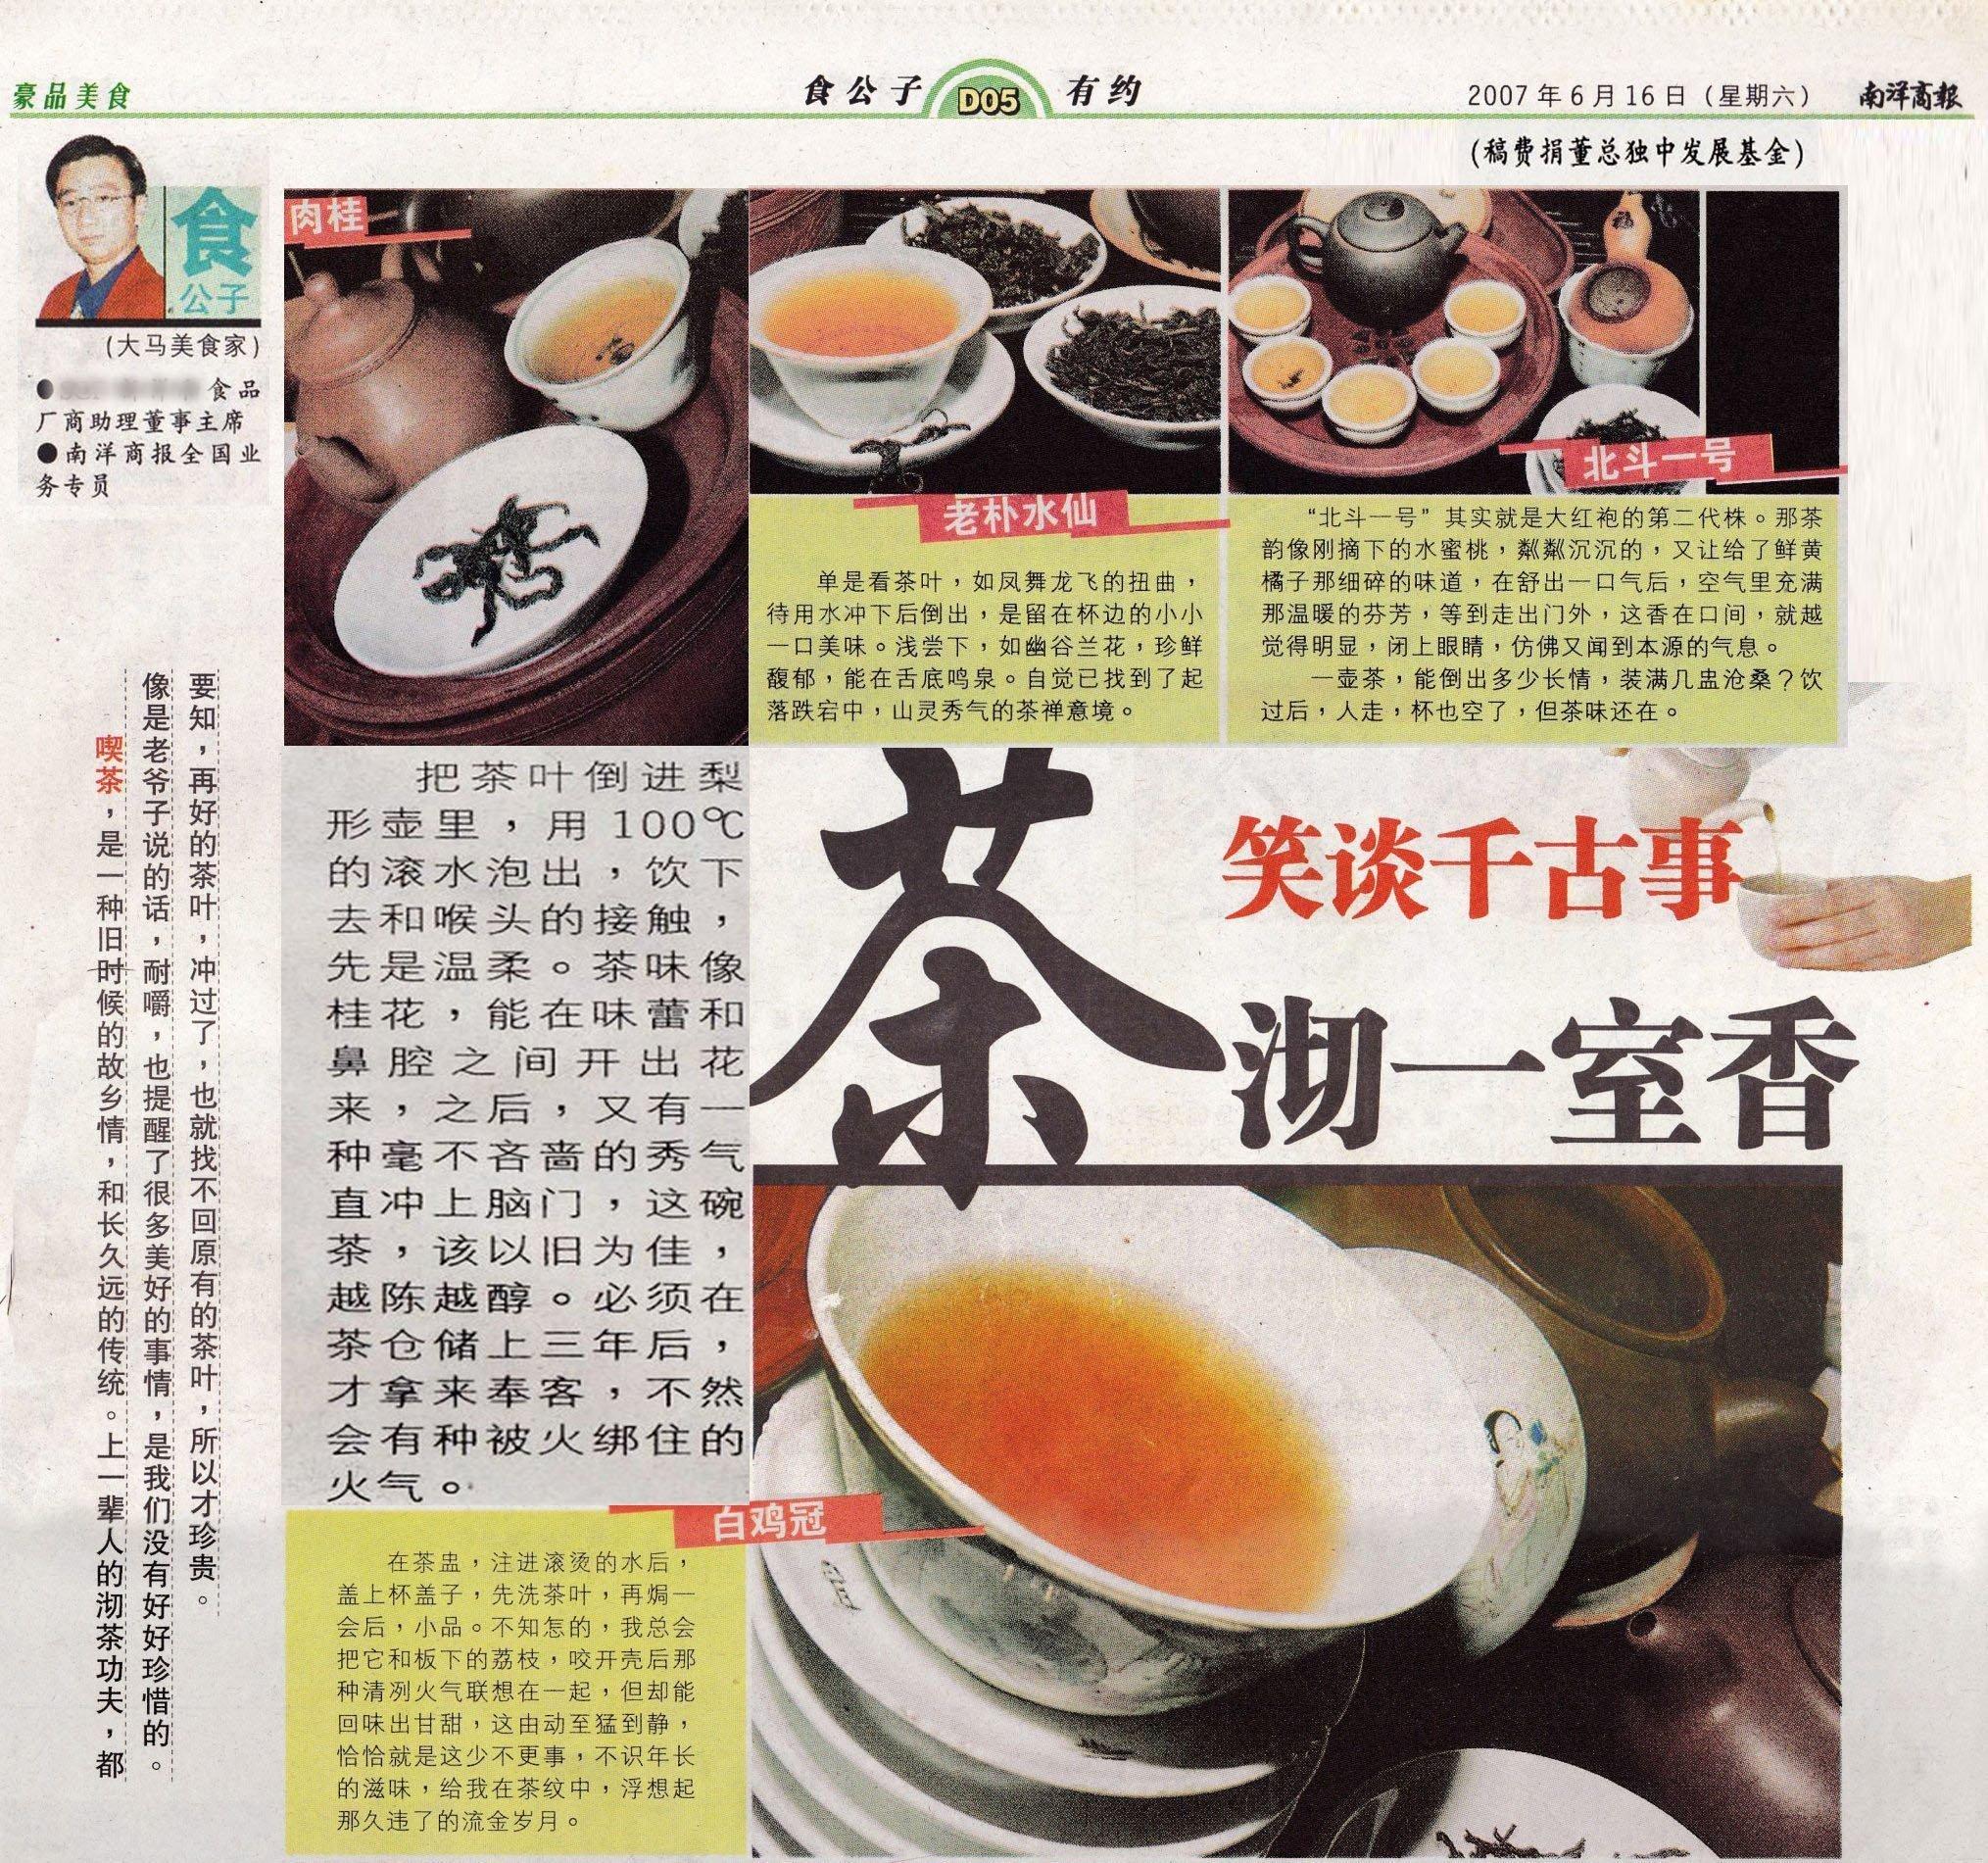 马来西亚食神-茶